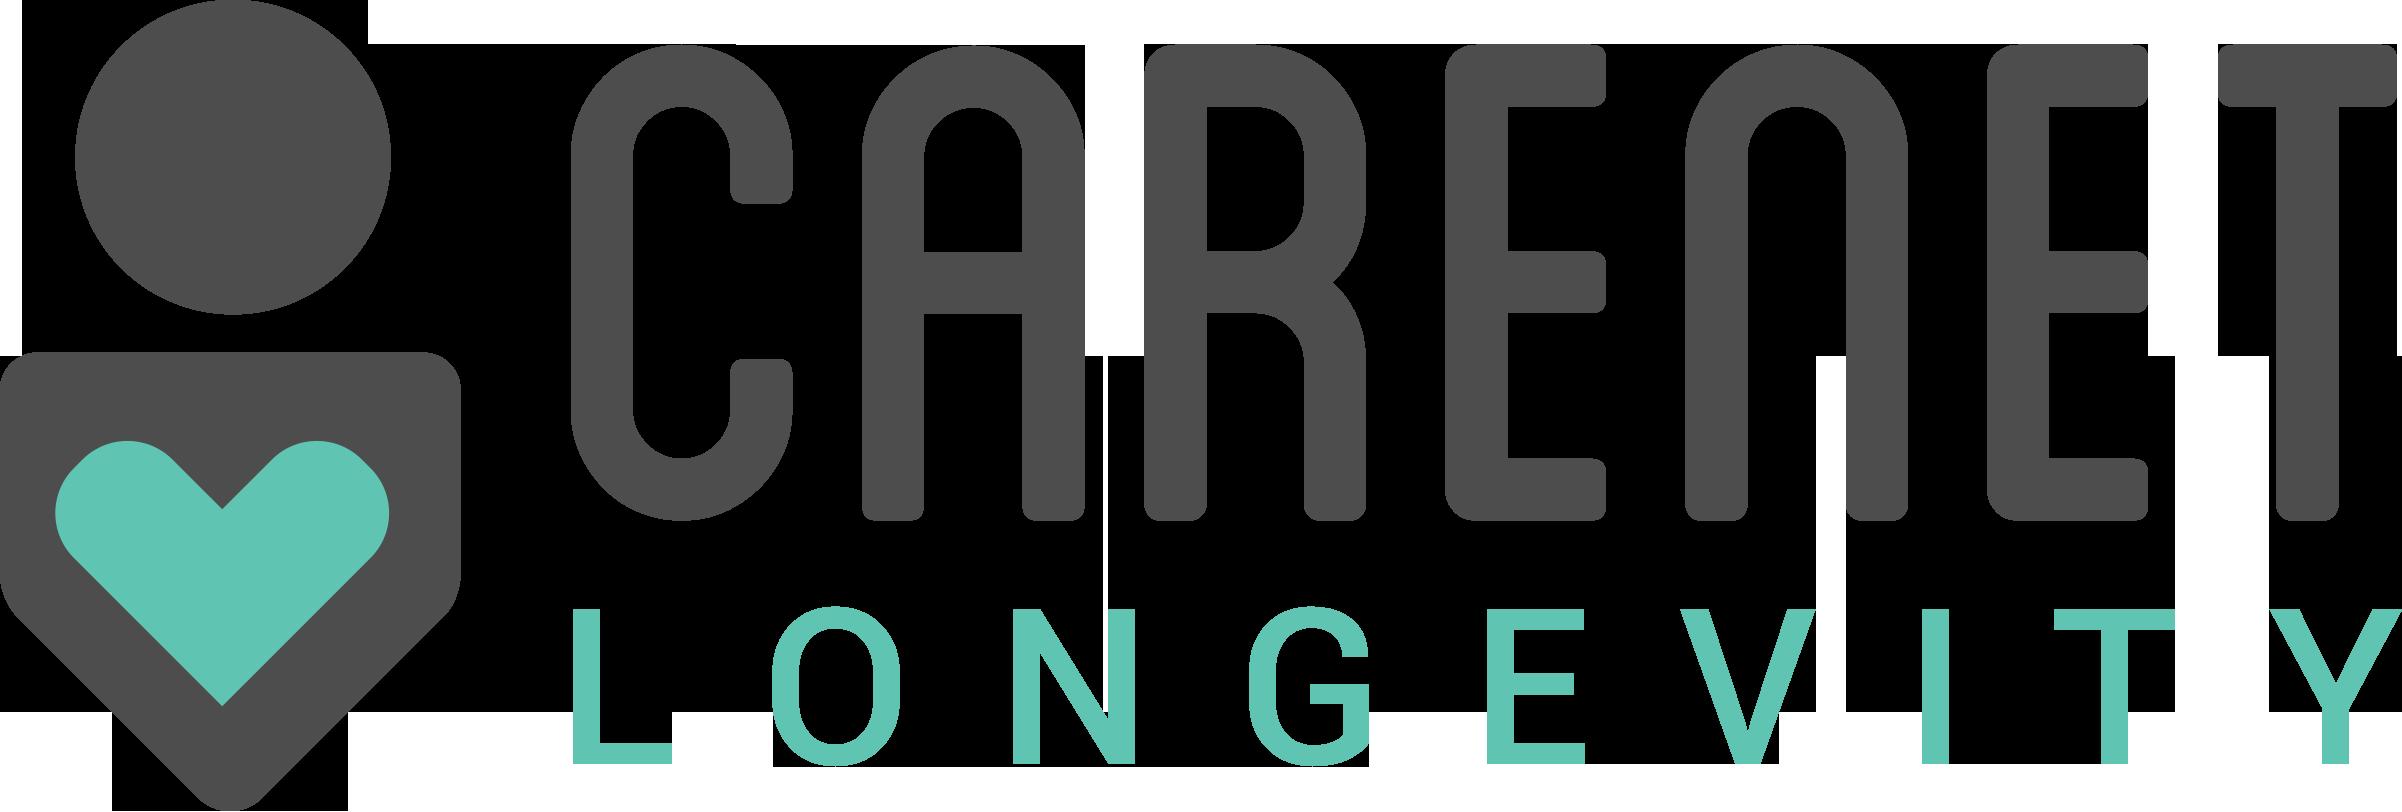 Carenet